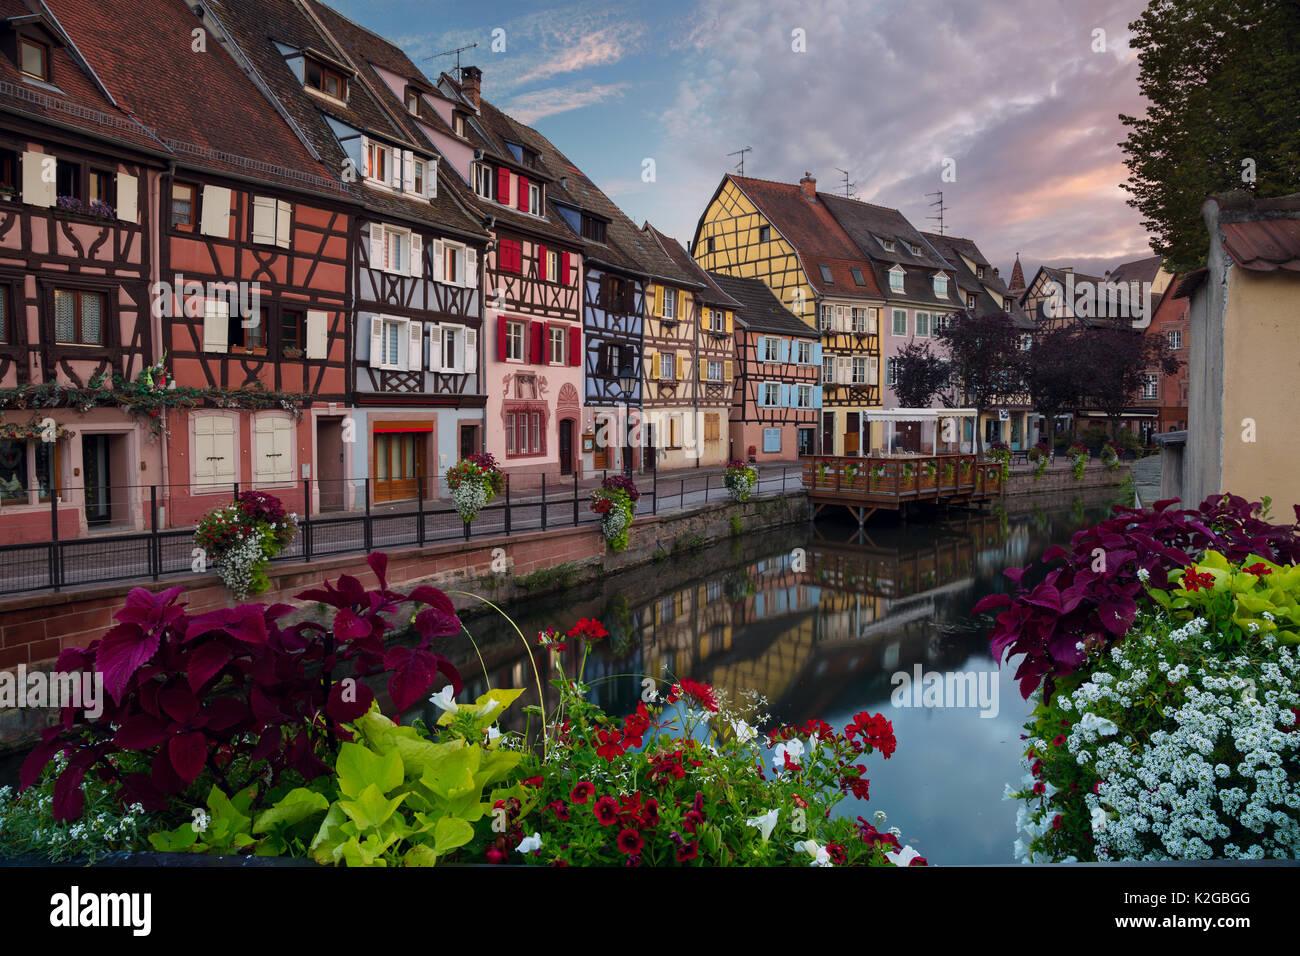 Città di Colmar. cityscape immagine della città vecchia di Colmar, Francia durante il tramonto. Immagini Stock